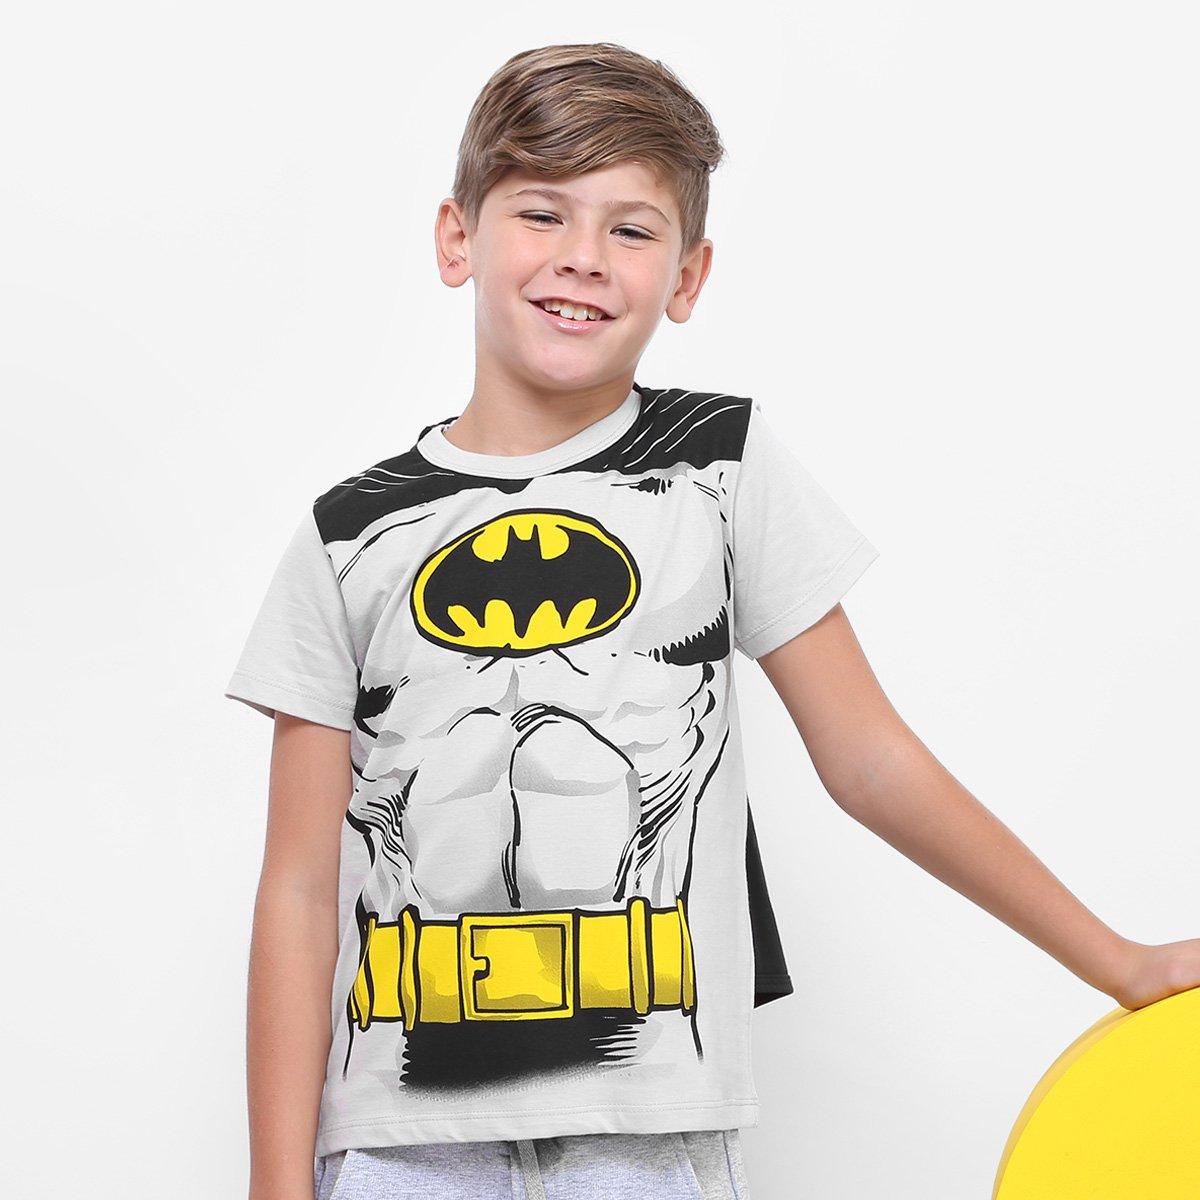 611a5ccb5 Camiseta Infantil Kamylus Com Capa Batman Masculina - Compre Agora ...